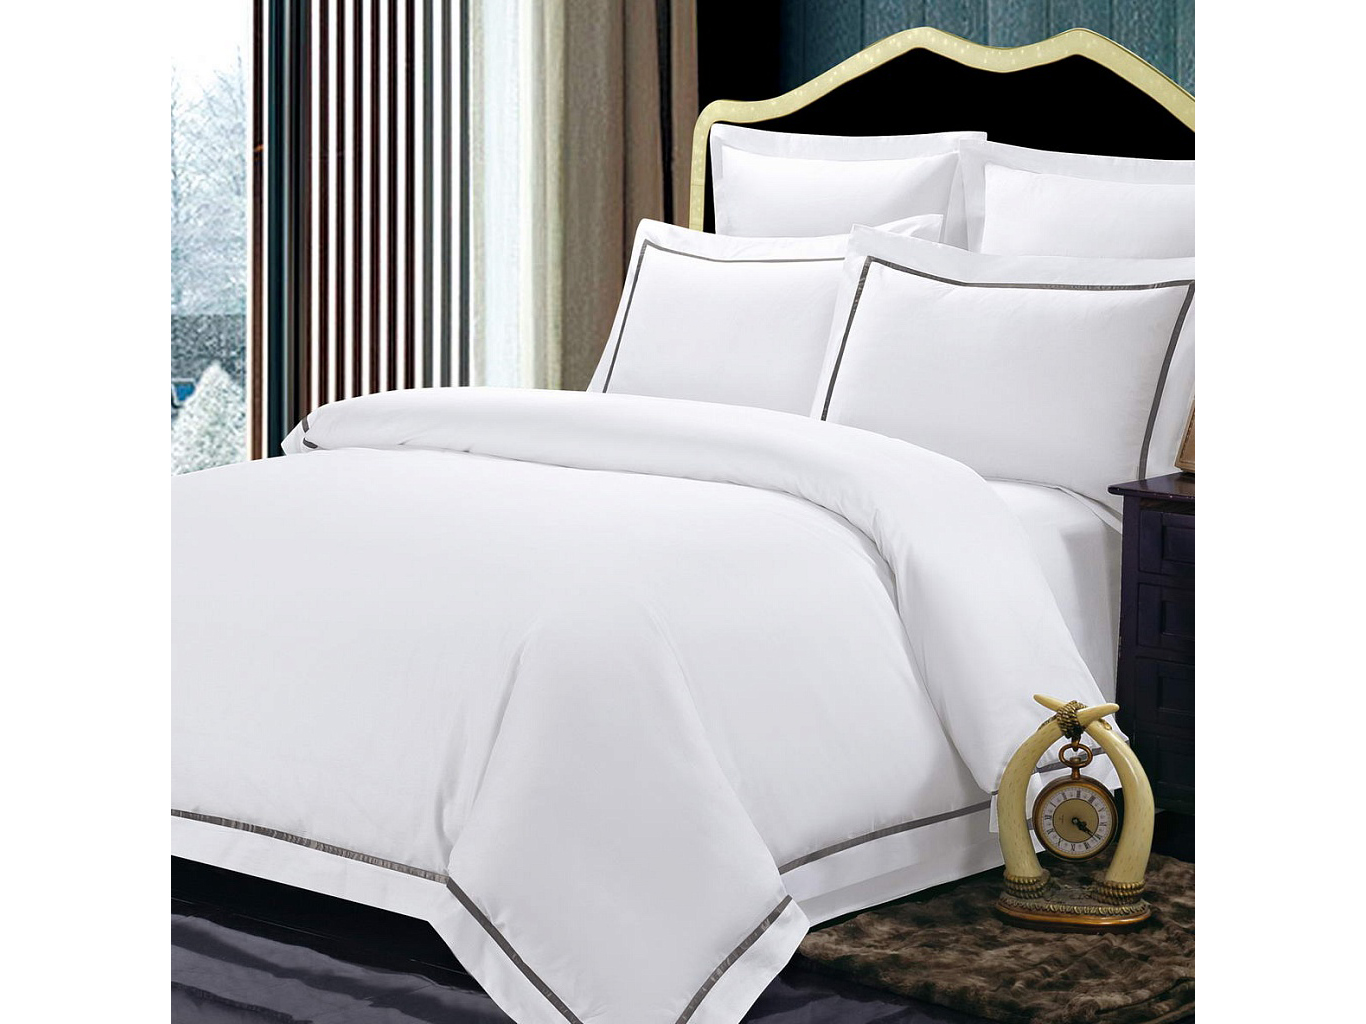 Комплект постельного белья СанремоДвуспальные комплекты постельного белья<br>Великолепный белоснежный комплект из хлопка станет настоящим украшением для Вашей спальни. Наволочки с ушками и декоративная тесьма,простроченная по периметру смотрятся необыкновенно стильно. Хлопковая нить сплетается определенным способом, это позволяет получить высокую плотность ткани, не теряя при этом мягкости.&amp;nbsp;Комплектация:Пододеяльник: 200х220 см (1)Простынь: 230х250 см (1)Наволочки: 50х70 см (2)Наволочки: 70х70 см (2)&amp;nbsp;Состав: 100% хлопок<br><br>kit: None<br>gender: None